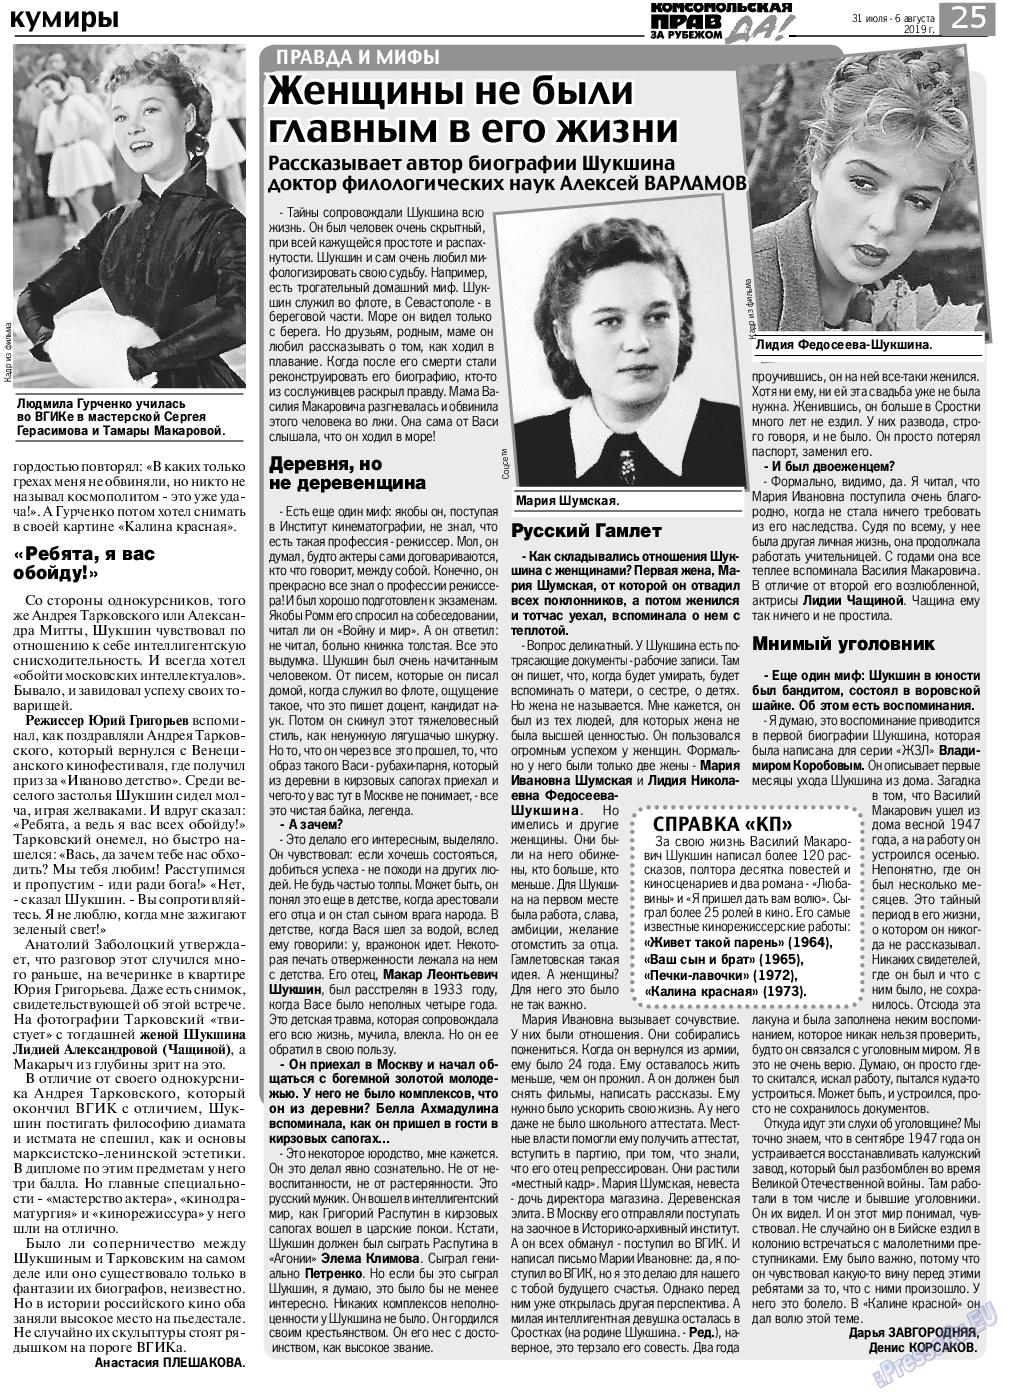 КП в Европе (газета). 2019 год, номер 31, стр. 25